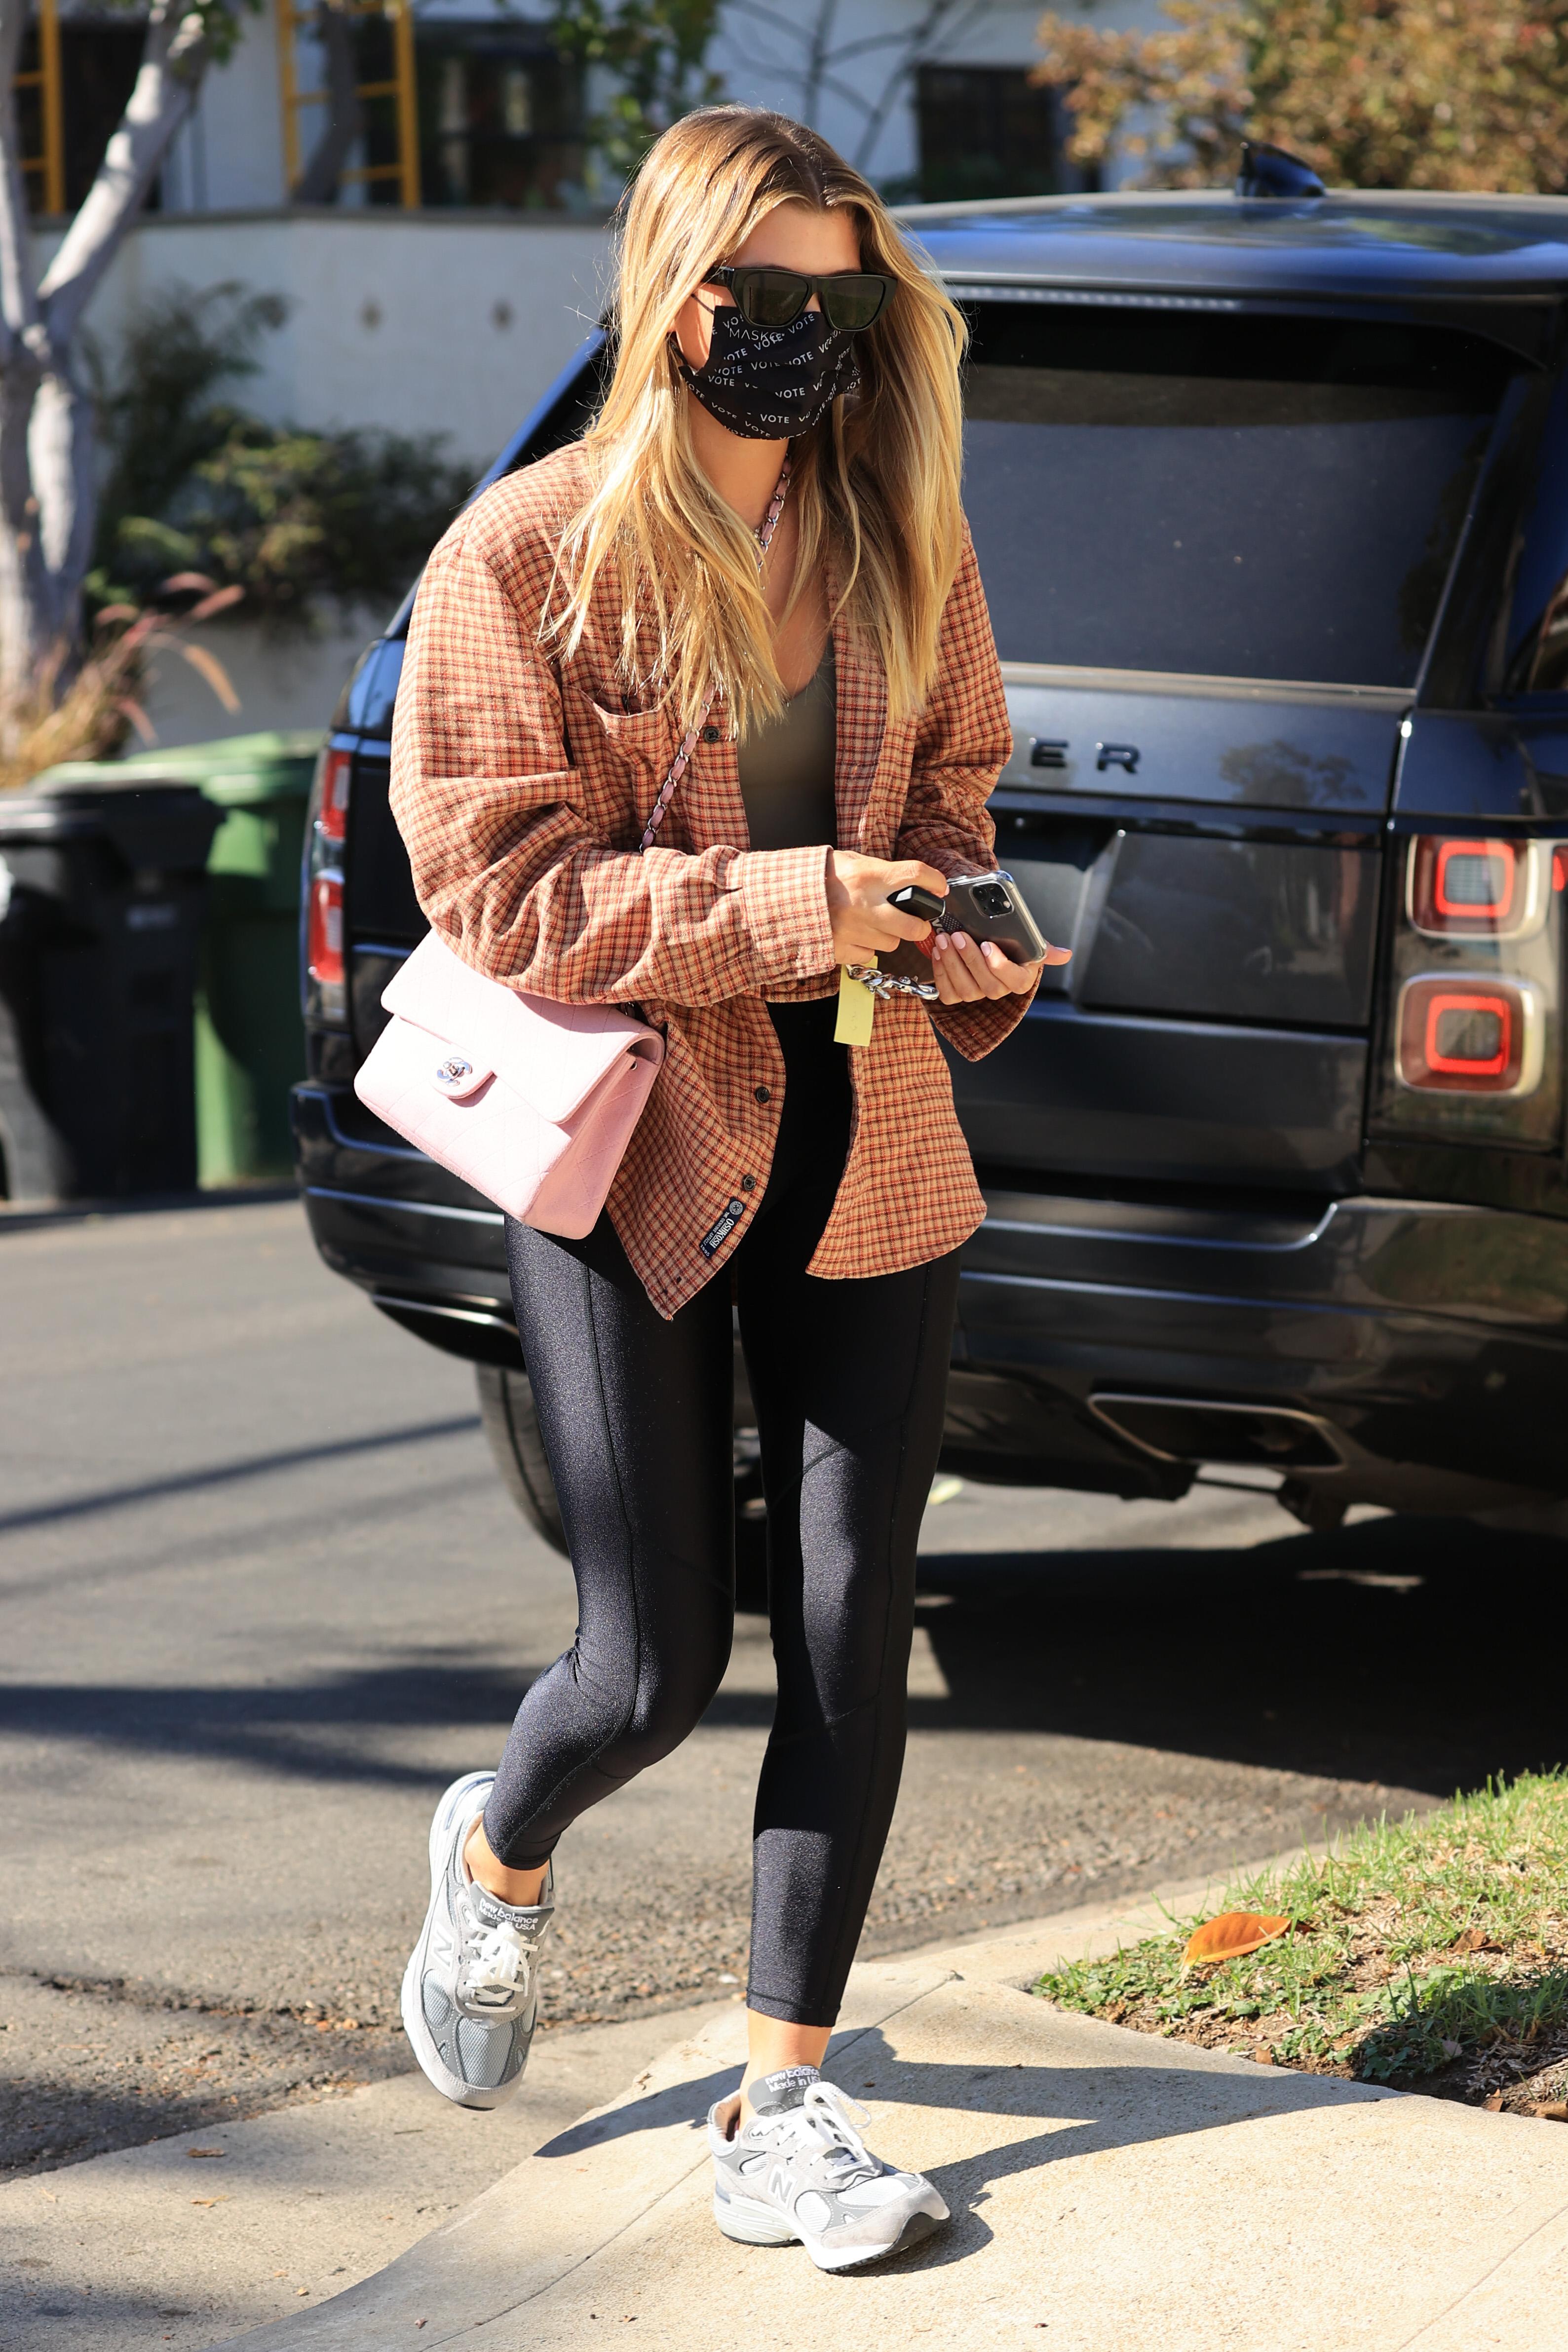 Sofia Richie usando legging e tênis com camisa xadrez e bolsa rosa da Chanel